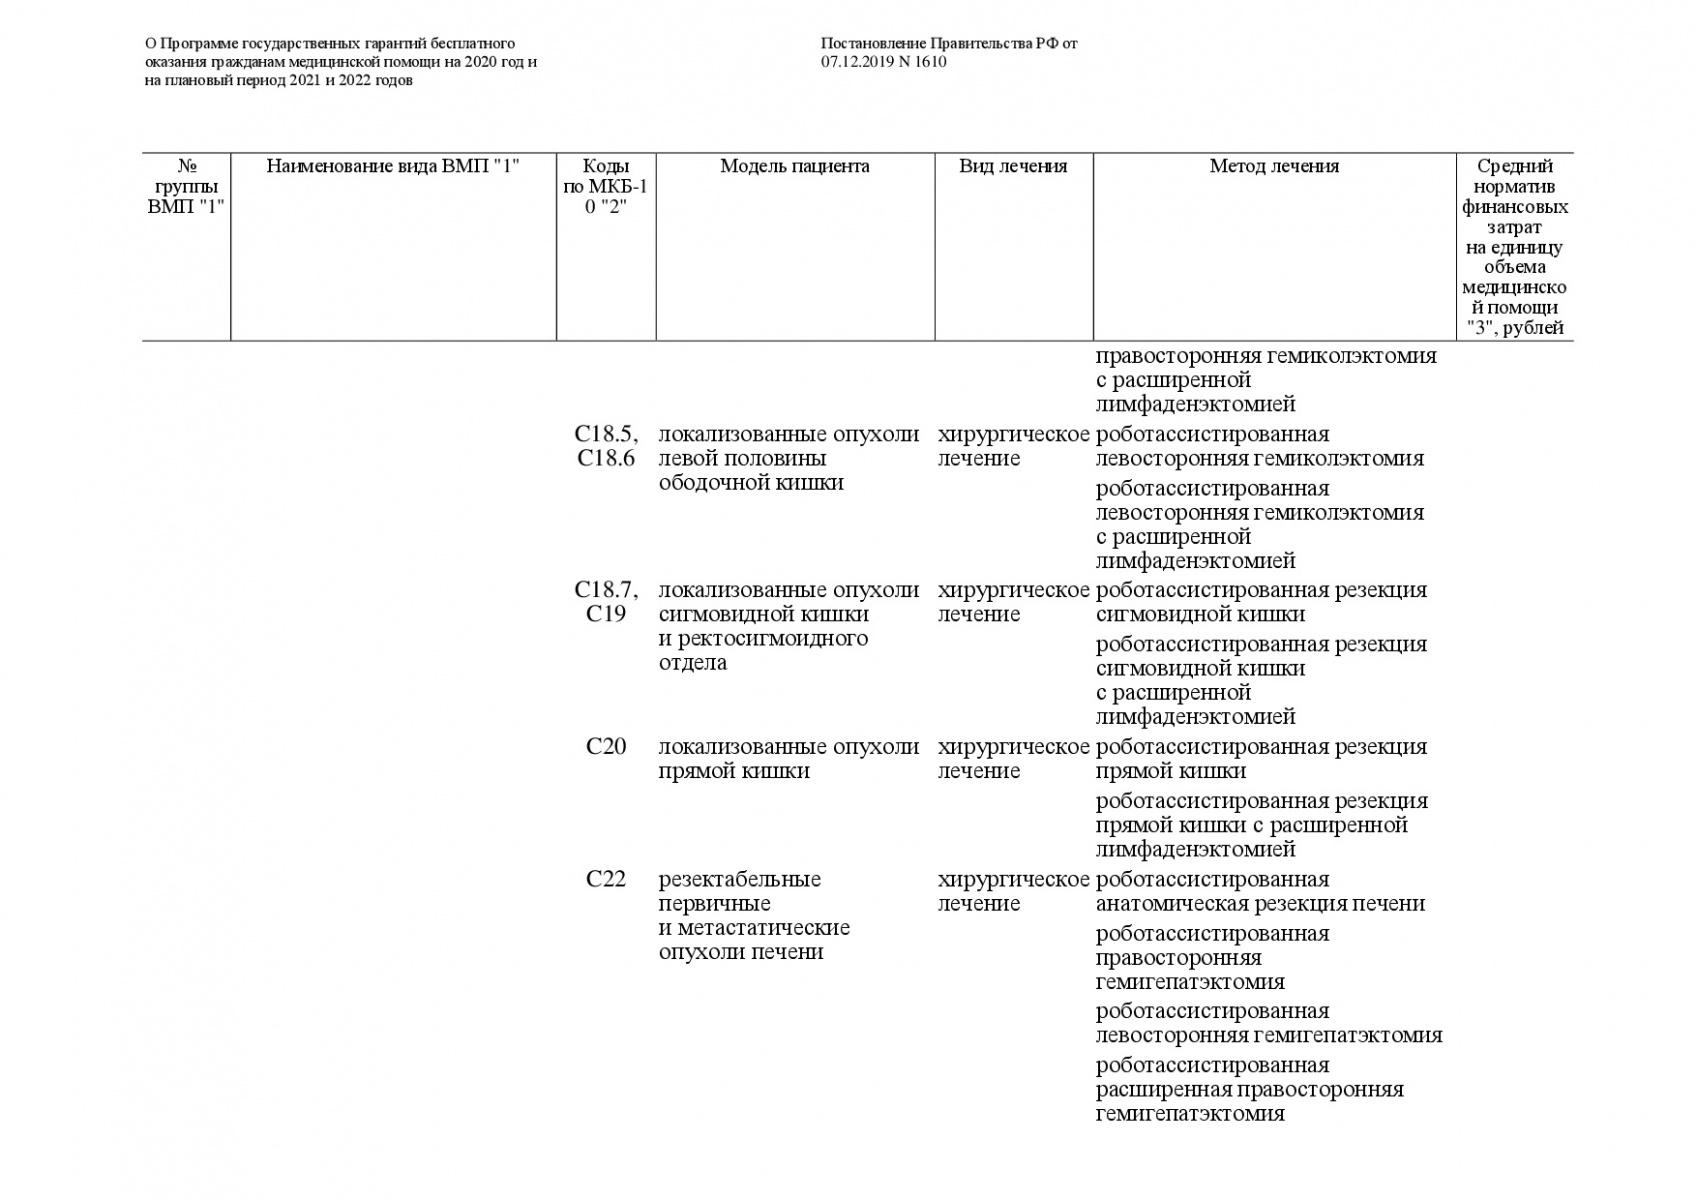 Postanovlenie-Pravitelstva-RF-ot-07_12_2019-1610-O-PGG-218